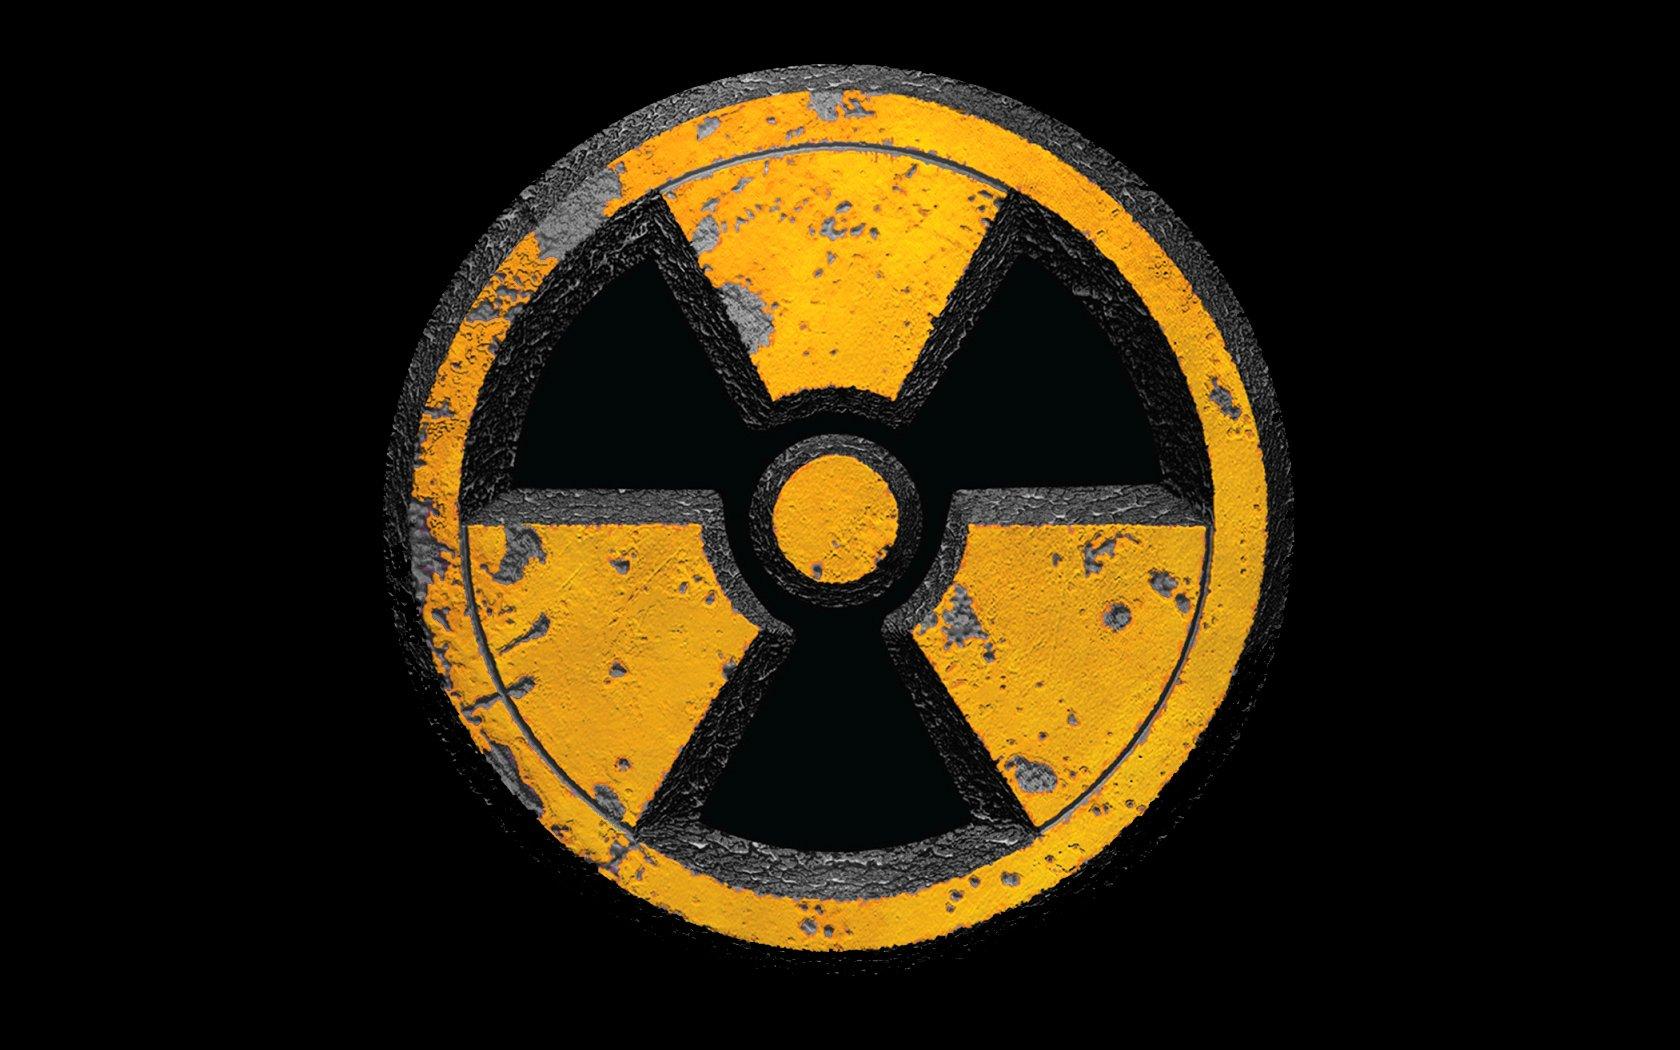 Nuke Wallpapers - WallpaperSafari